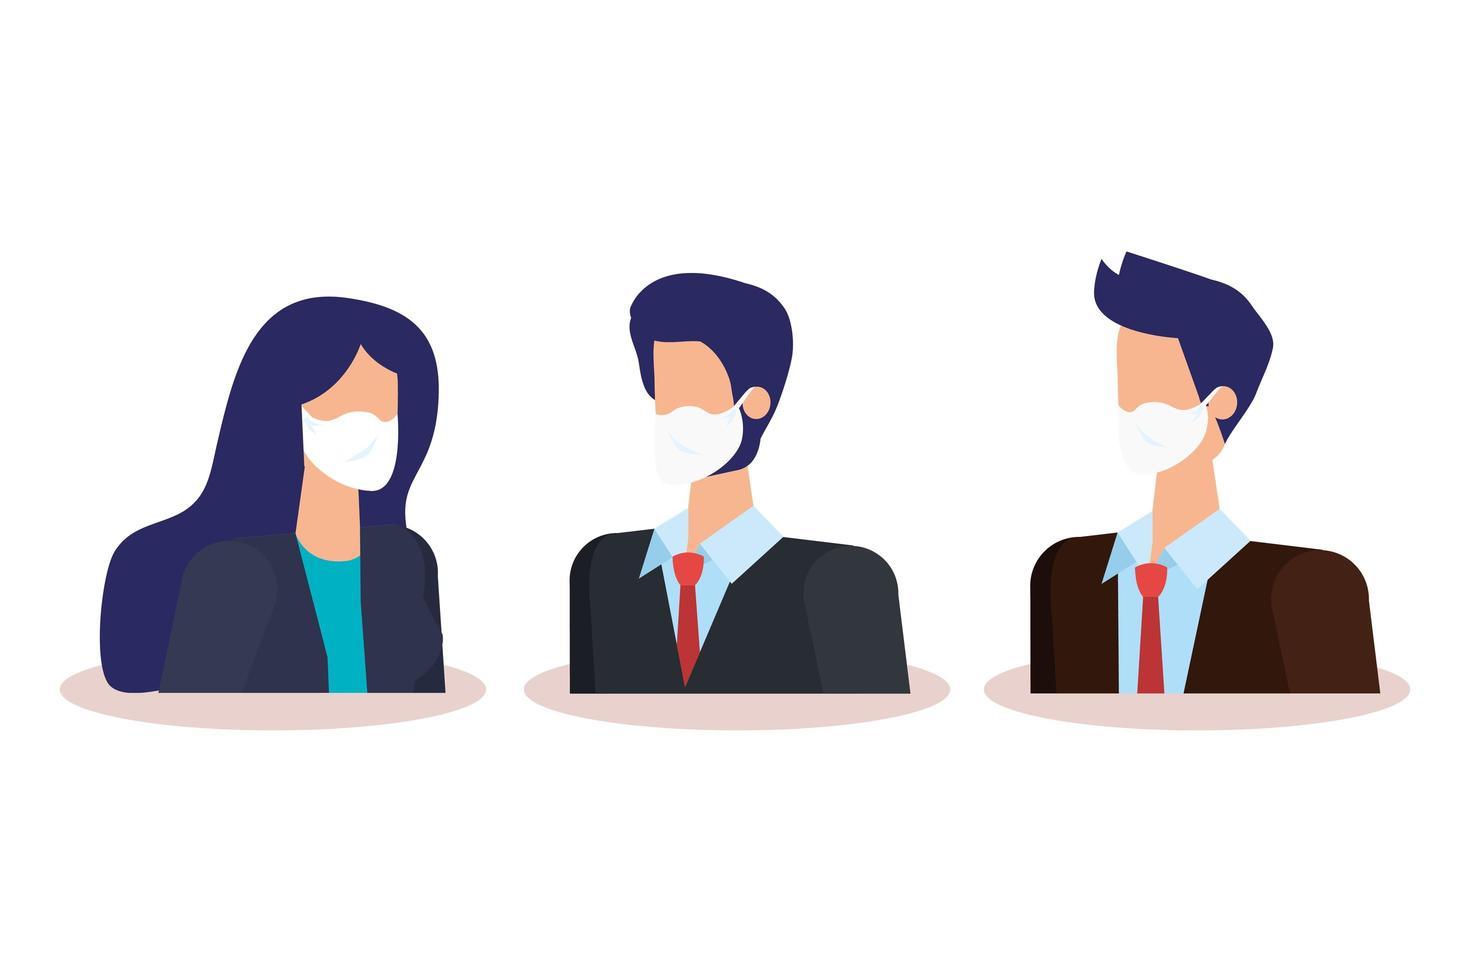 affärsmän med ansiktsmasker avatar karaktärer vektor